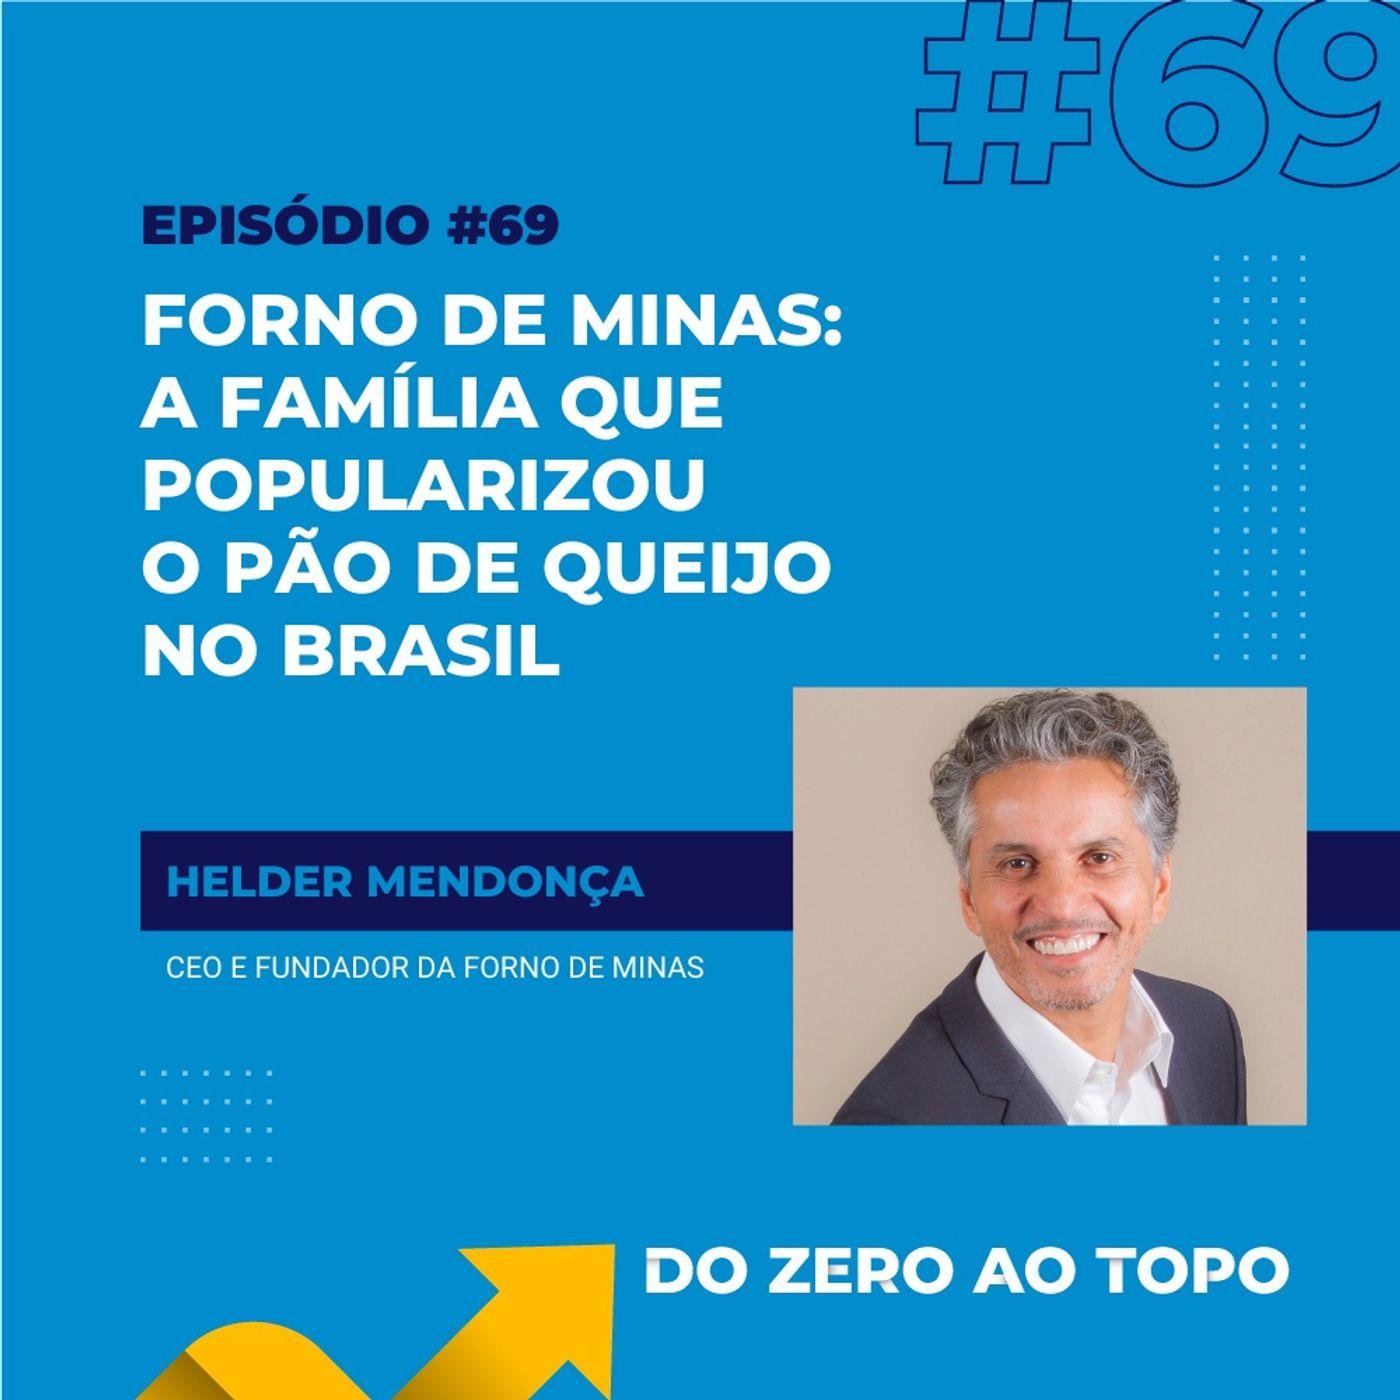 #69 - Forno de Minas: a família que popularizou o pão de queijo no Brasil